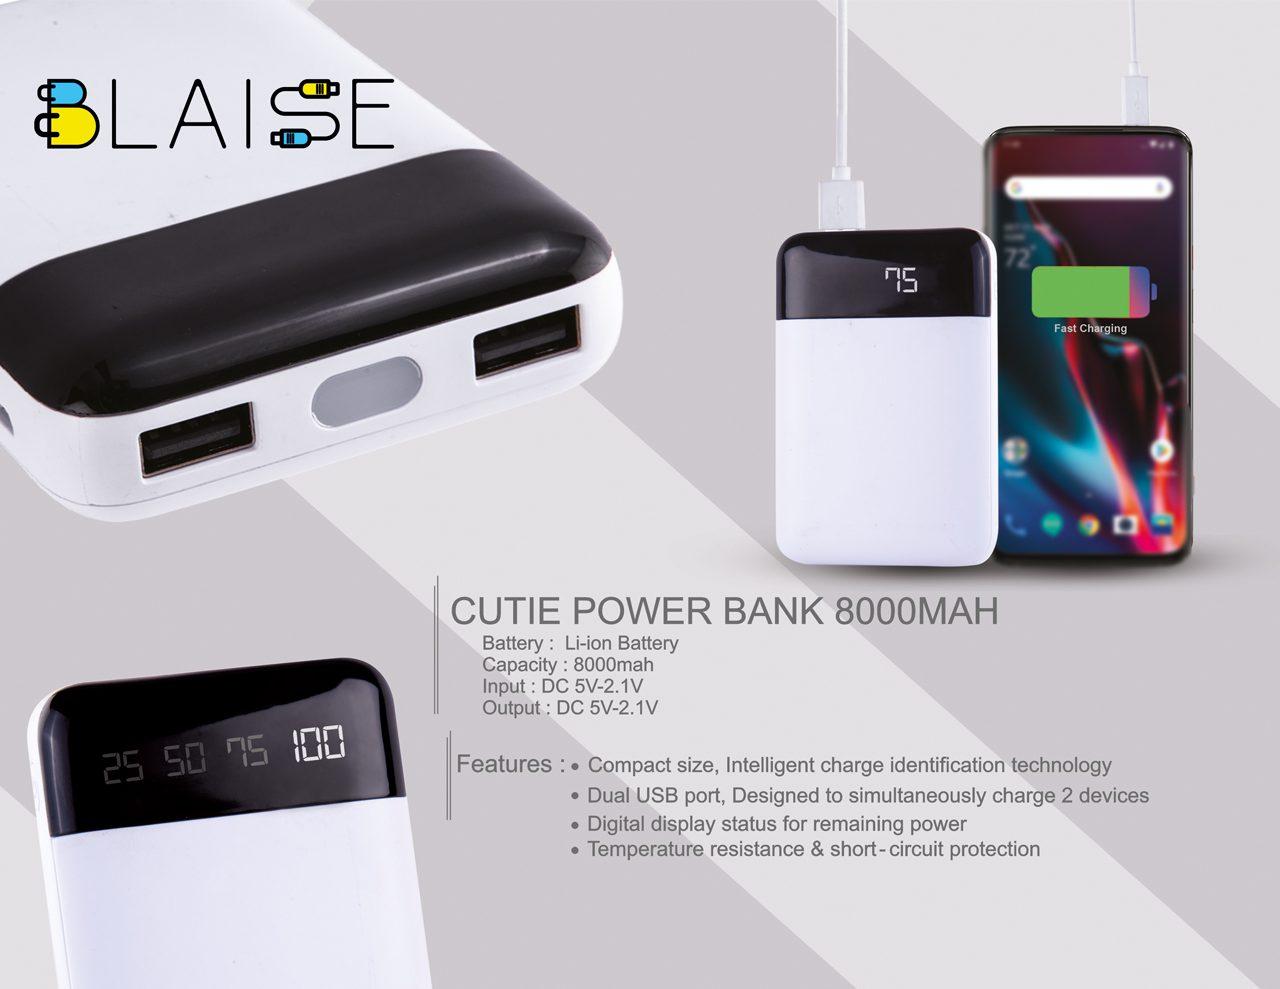 Cutie Power Bank 8000MAH